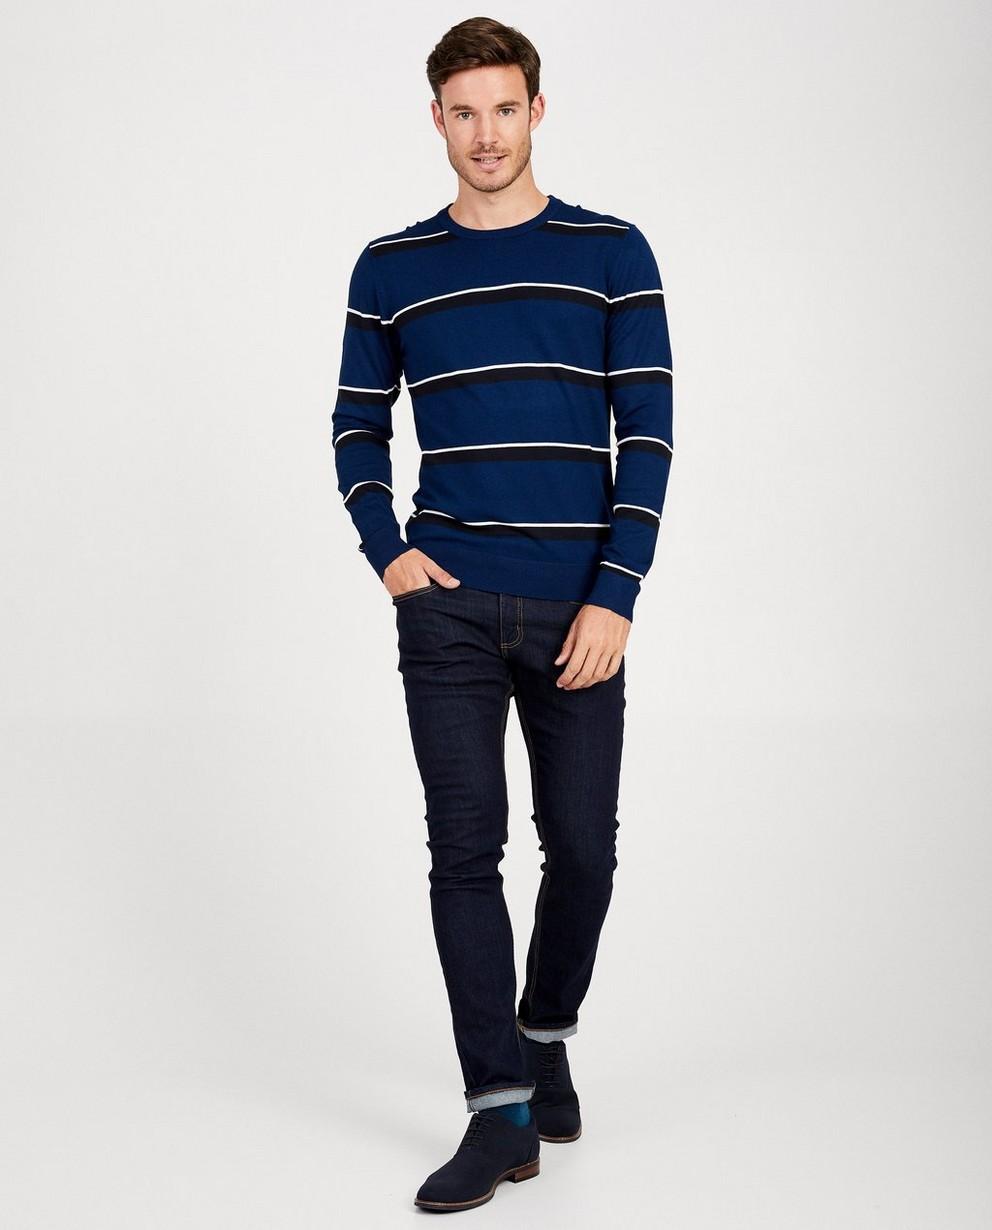 Pull bleu, rayures - noire et blanche - JBC